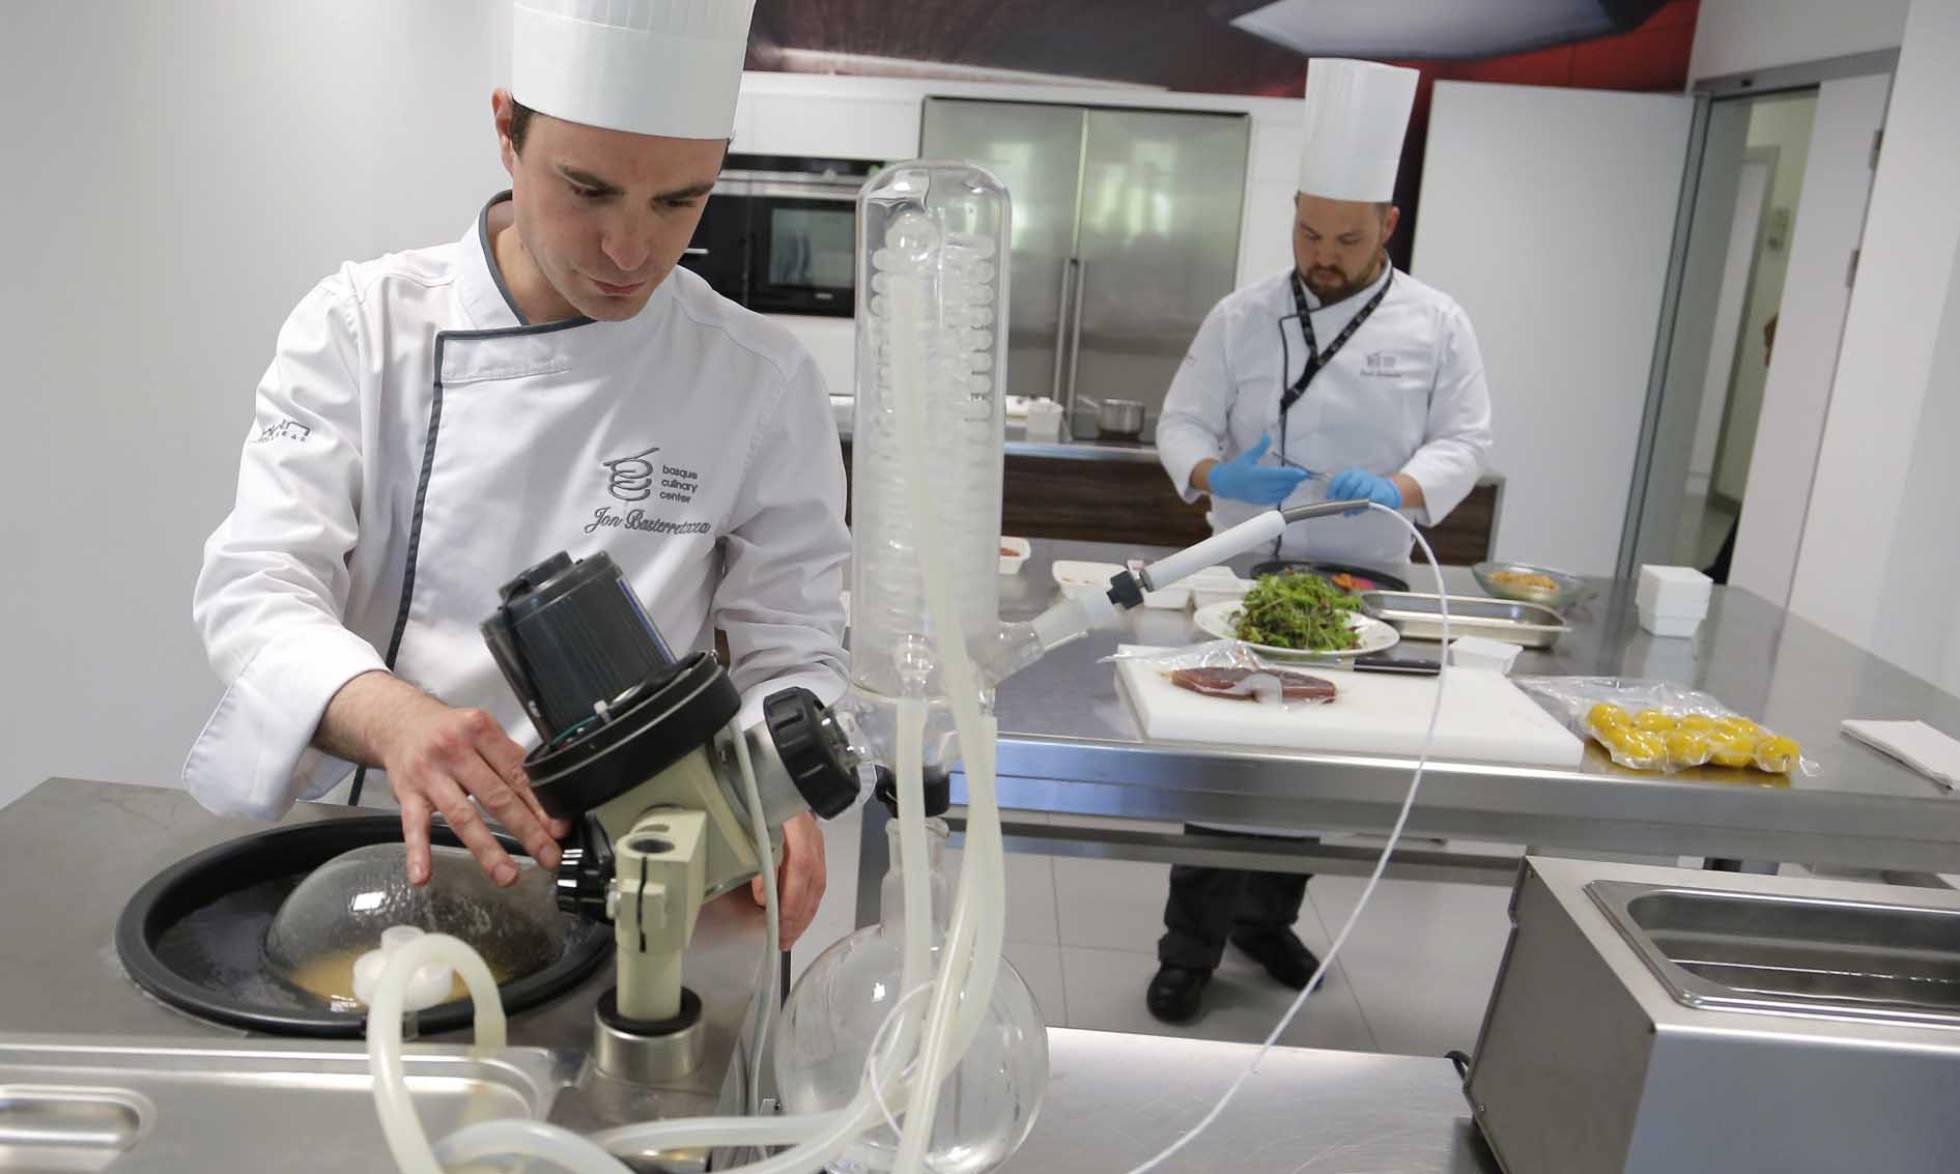 В Сан-Себастьяне создали технологическую лабораторию для гастрономических экспериментов